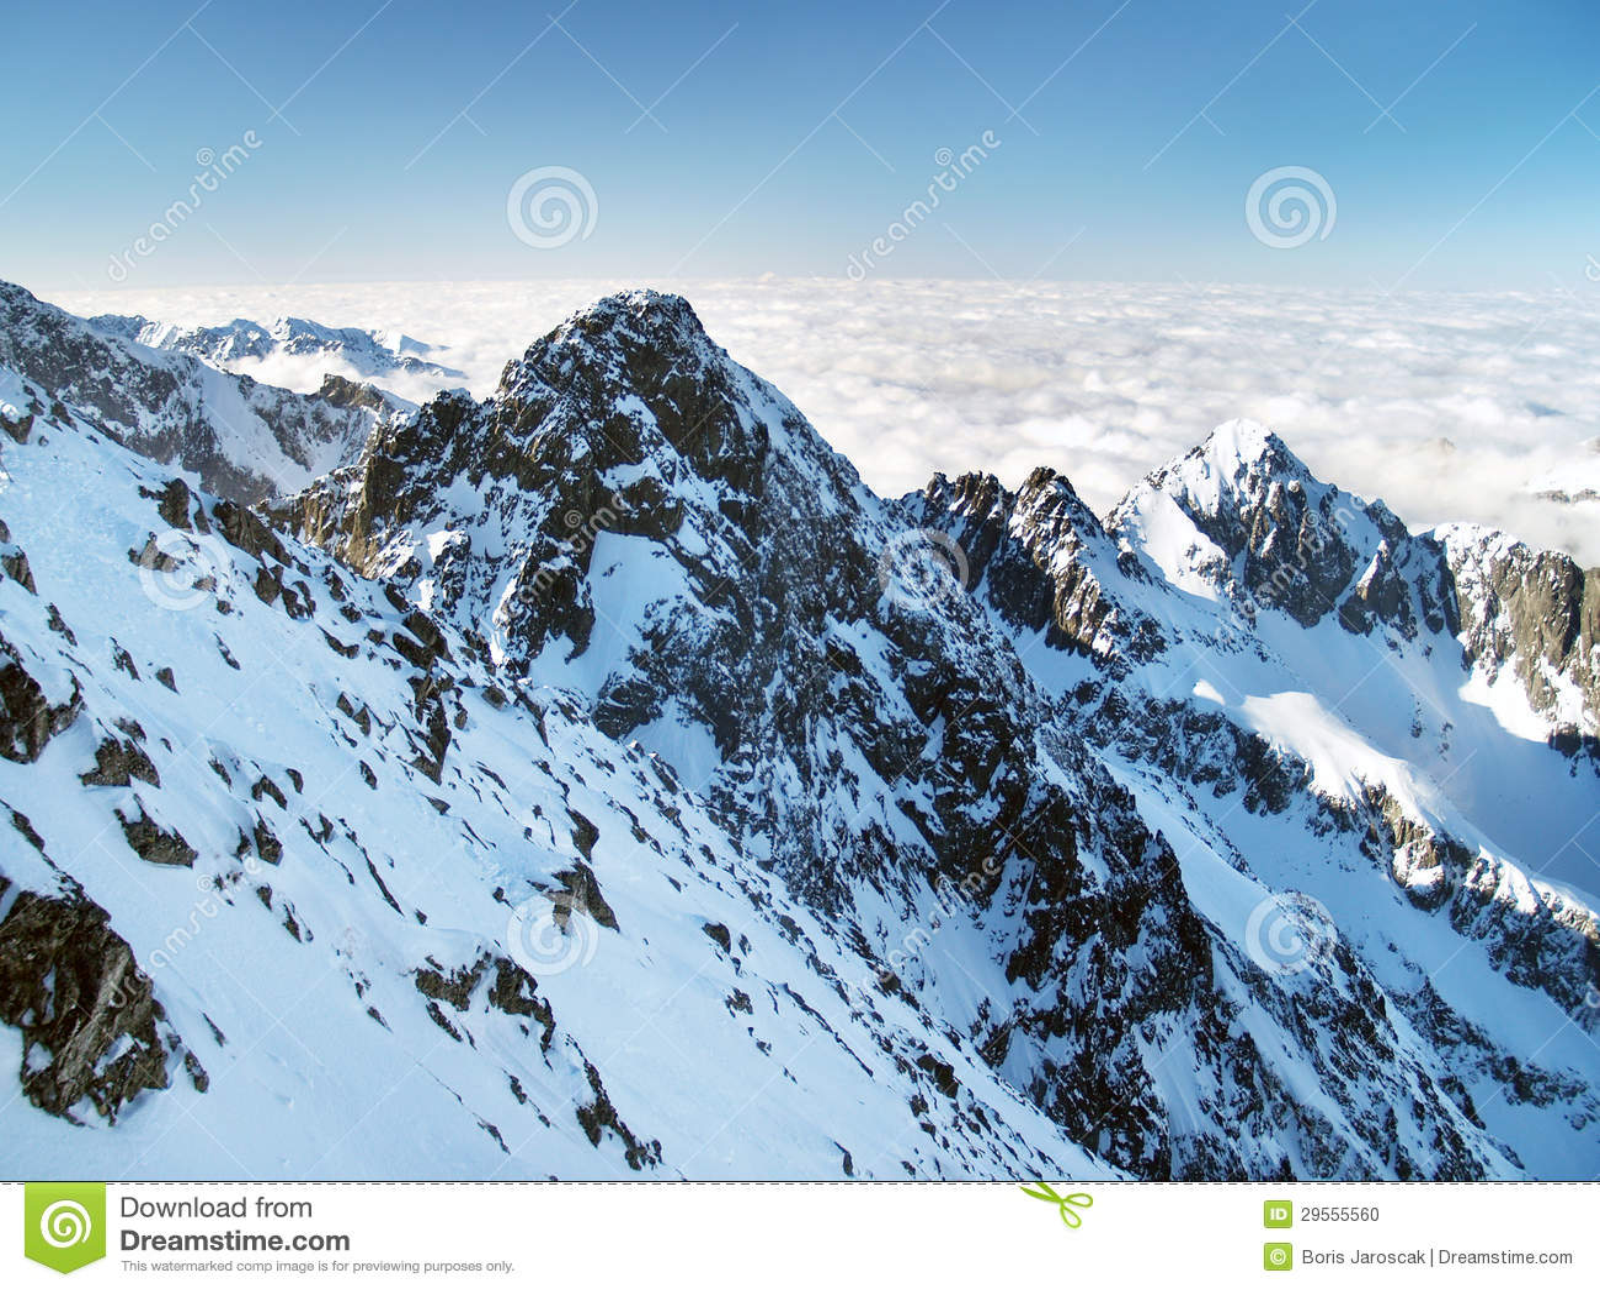 Kolovy peak (Kolovy stit) in High Tatras during winter